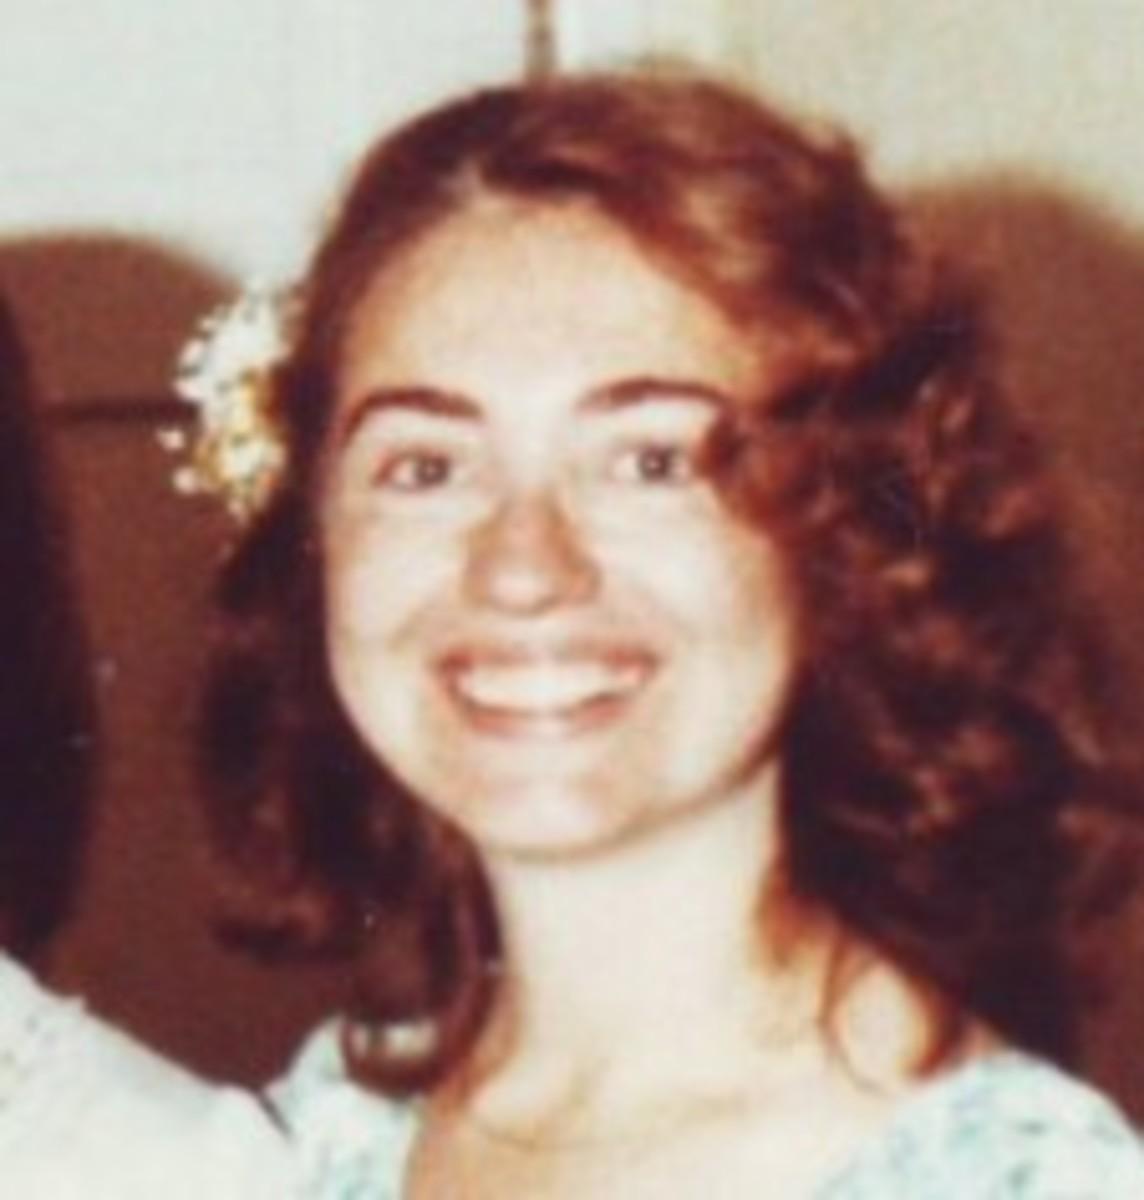 Hillary Clinton's not-so-narrow face.